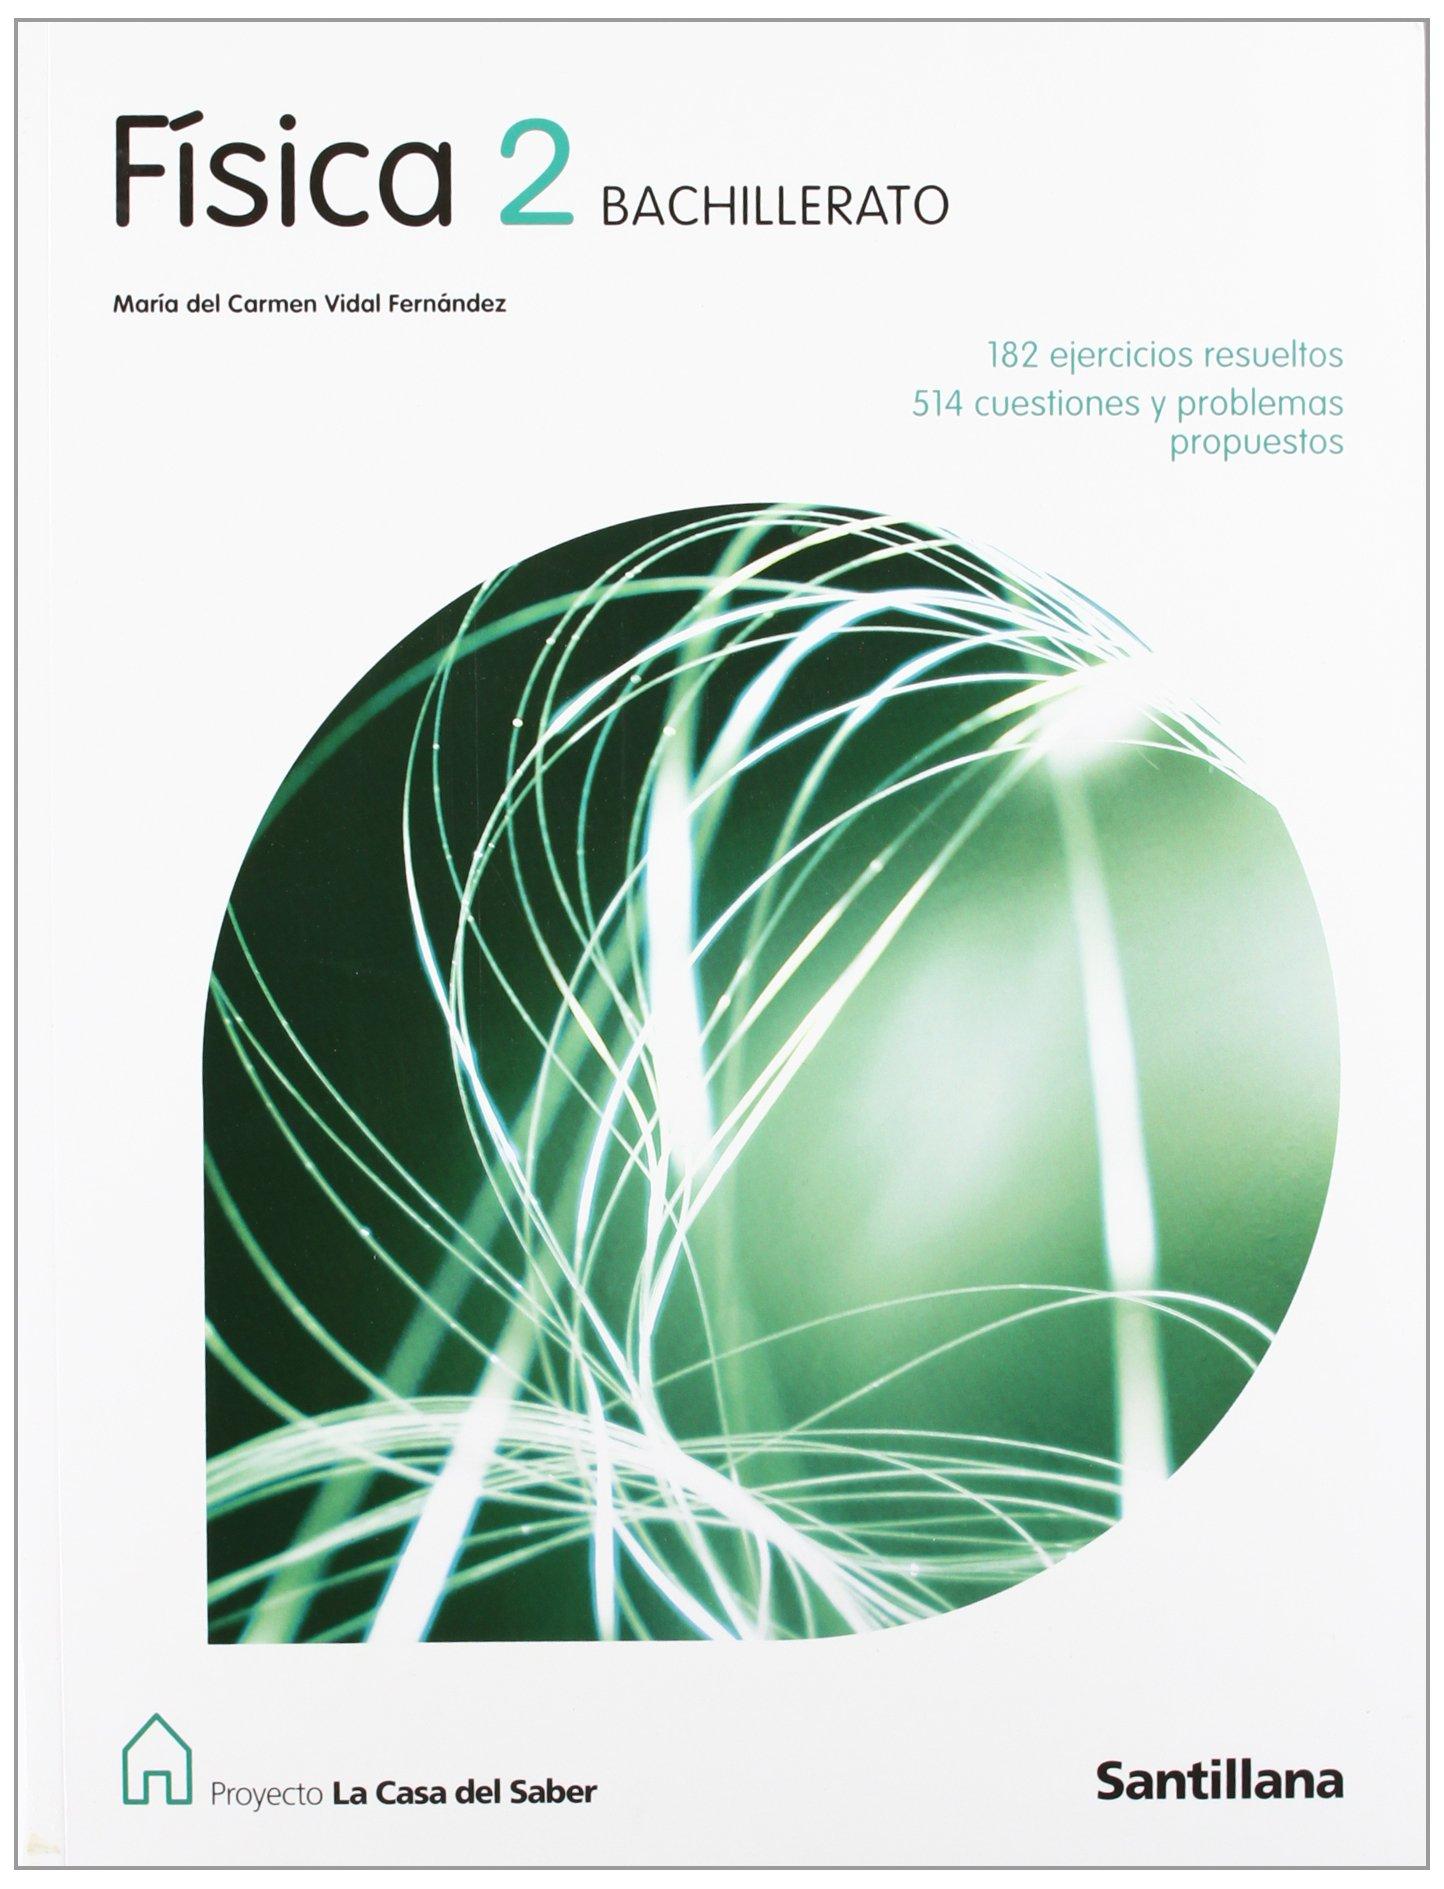 Proyecto La Casa del Saber, física, 2 Bachillerato - 9788429409901: Amazon.es: Vidal Fernandez, Mª Carmen: Libros